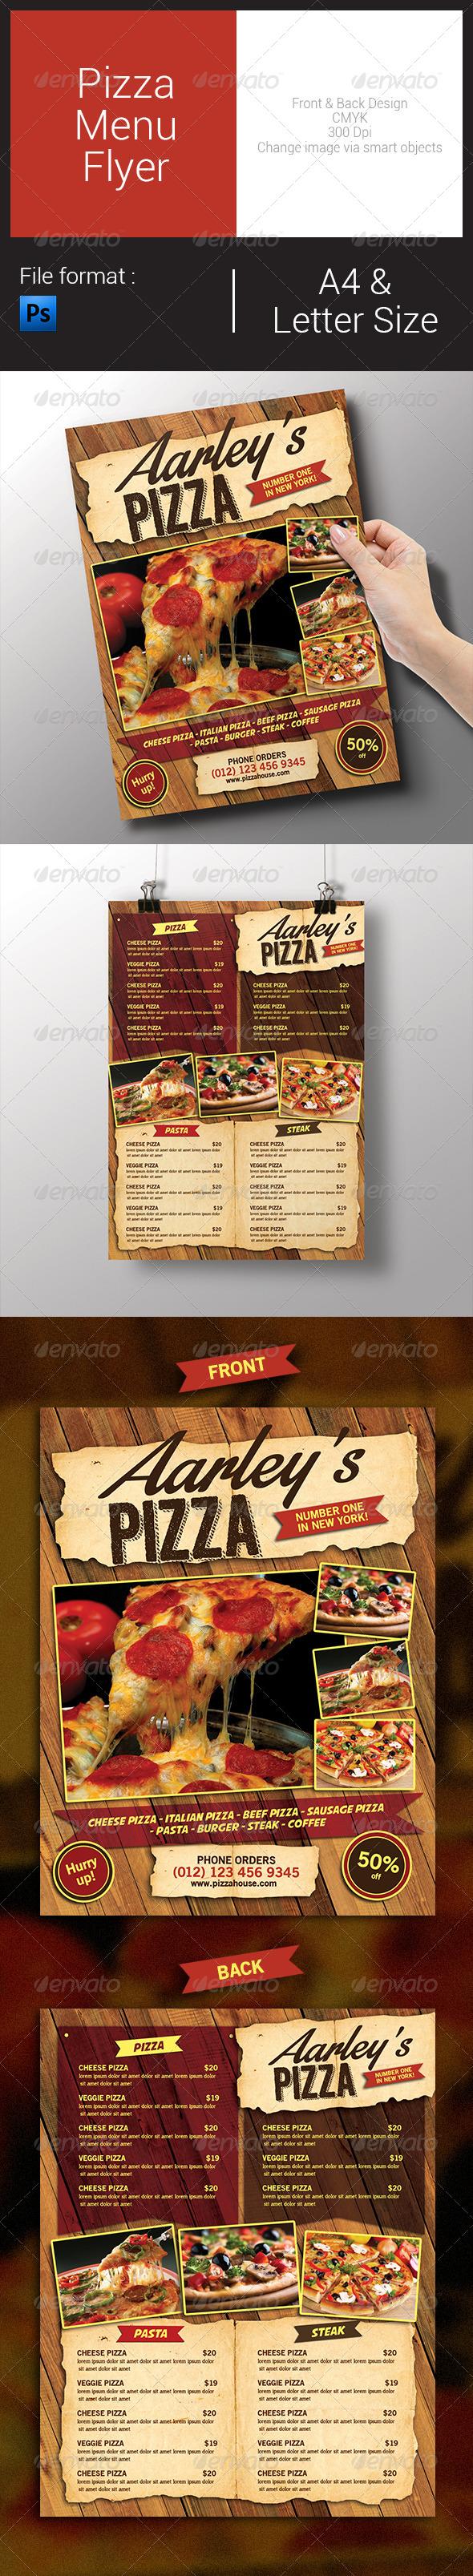 GraphicRiver Pizza Menu Flyer 7934639